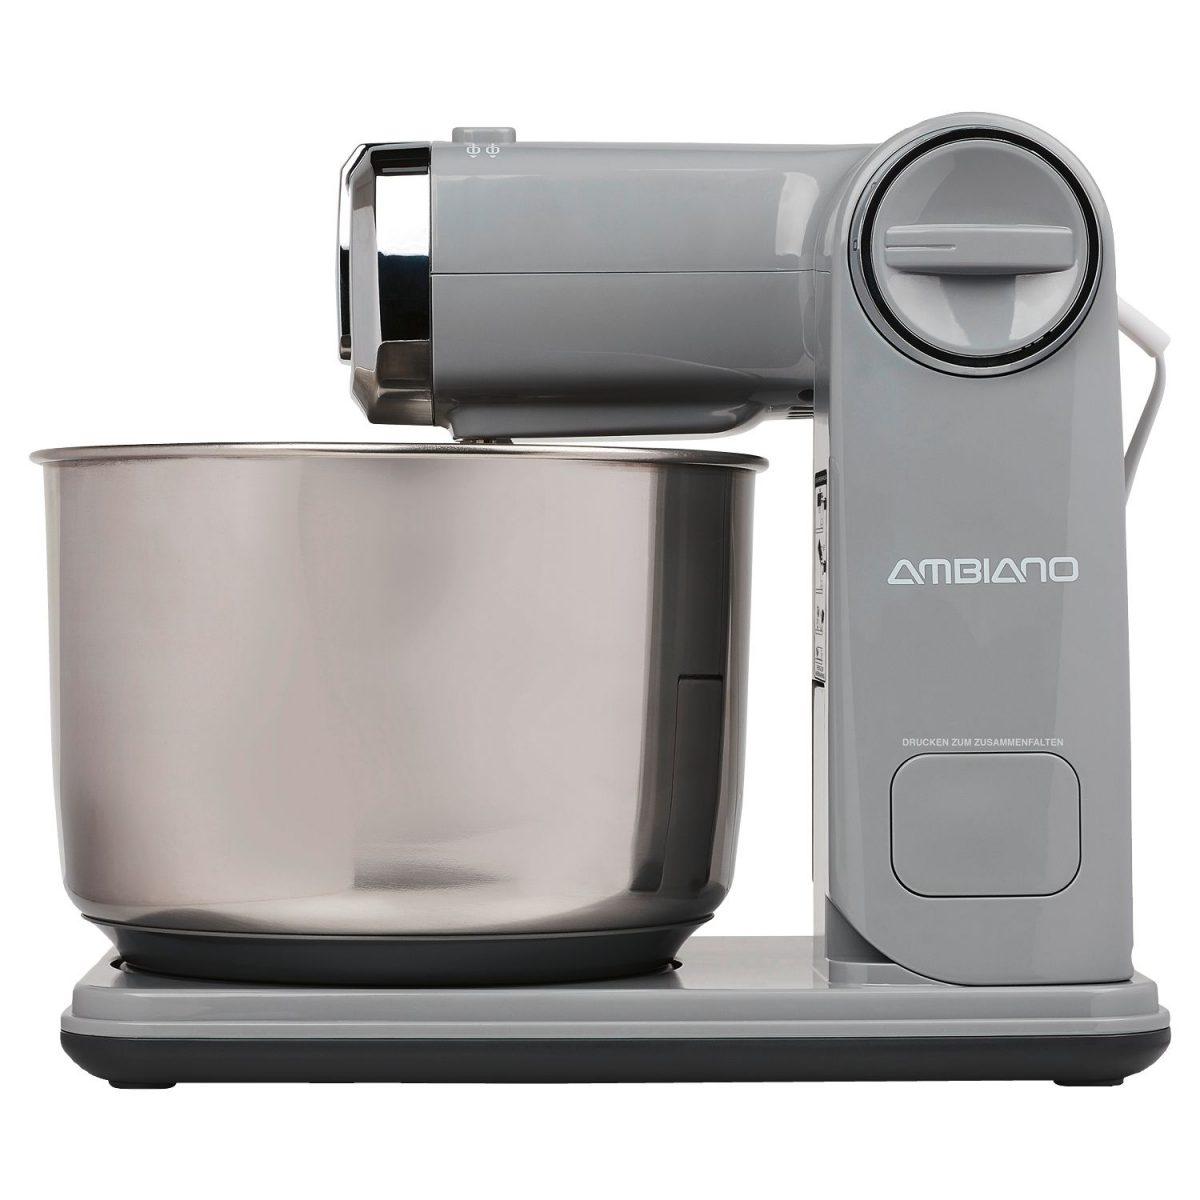 """Faltbare Küchenmaschine der Marke Ambiano von Aldi Süd in """"Grau""""; Foto: Aldi Süd"""